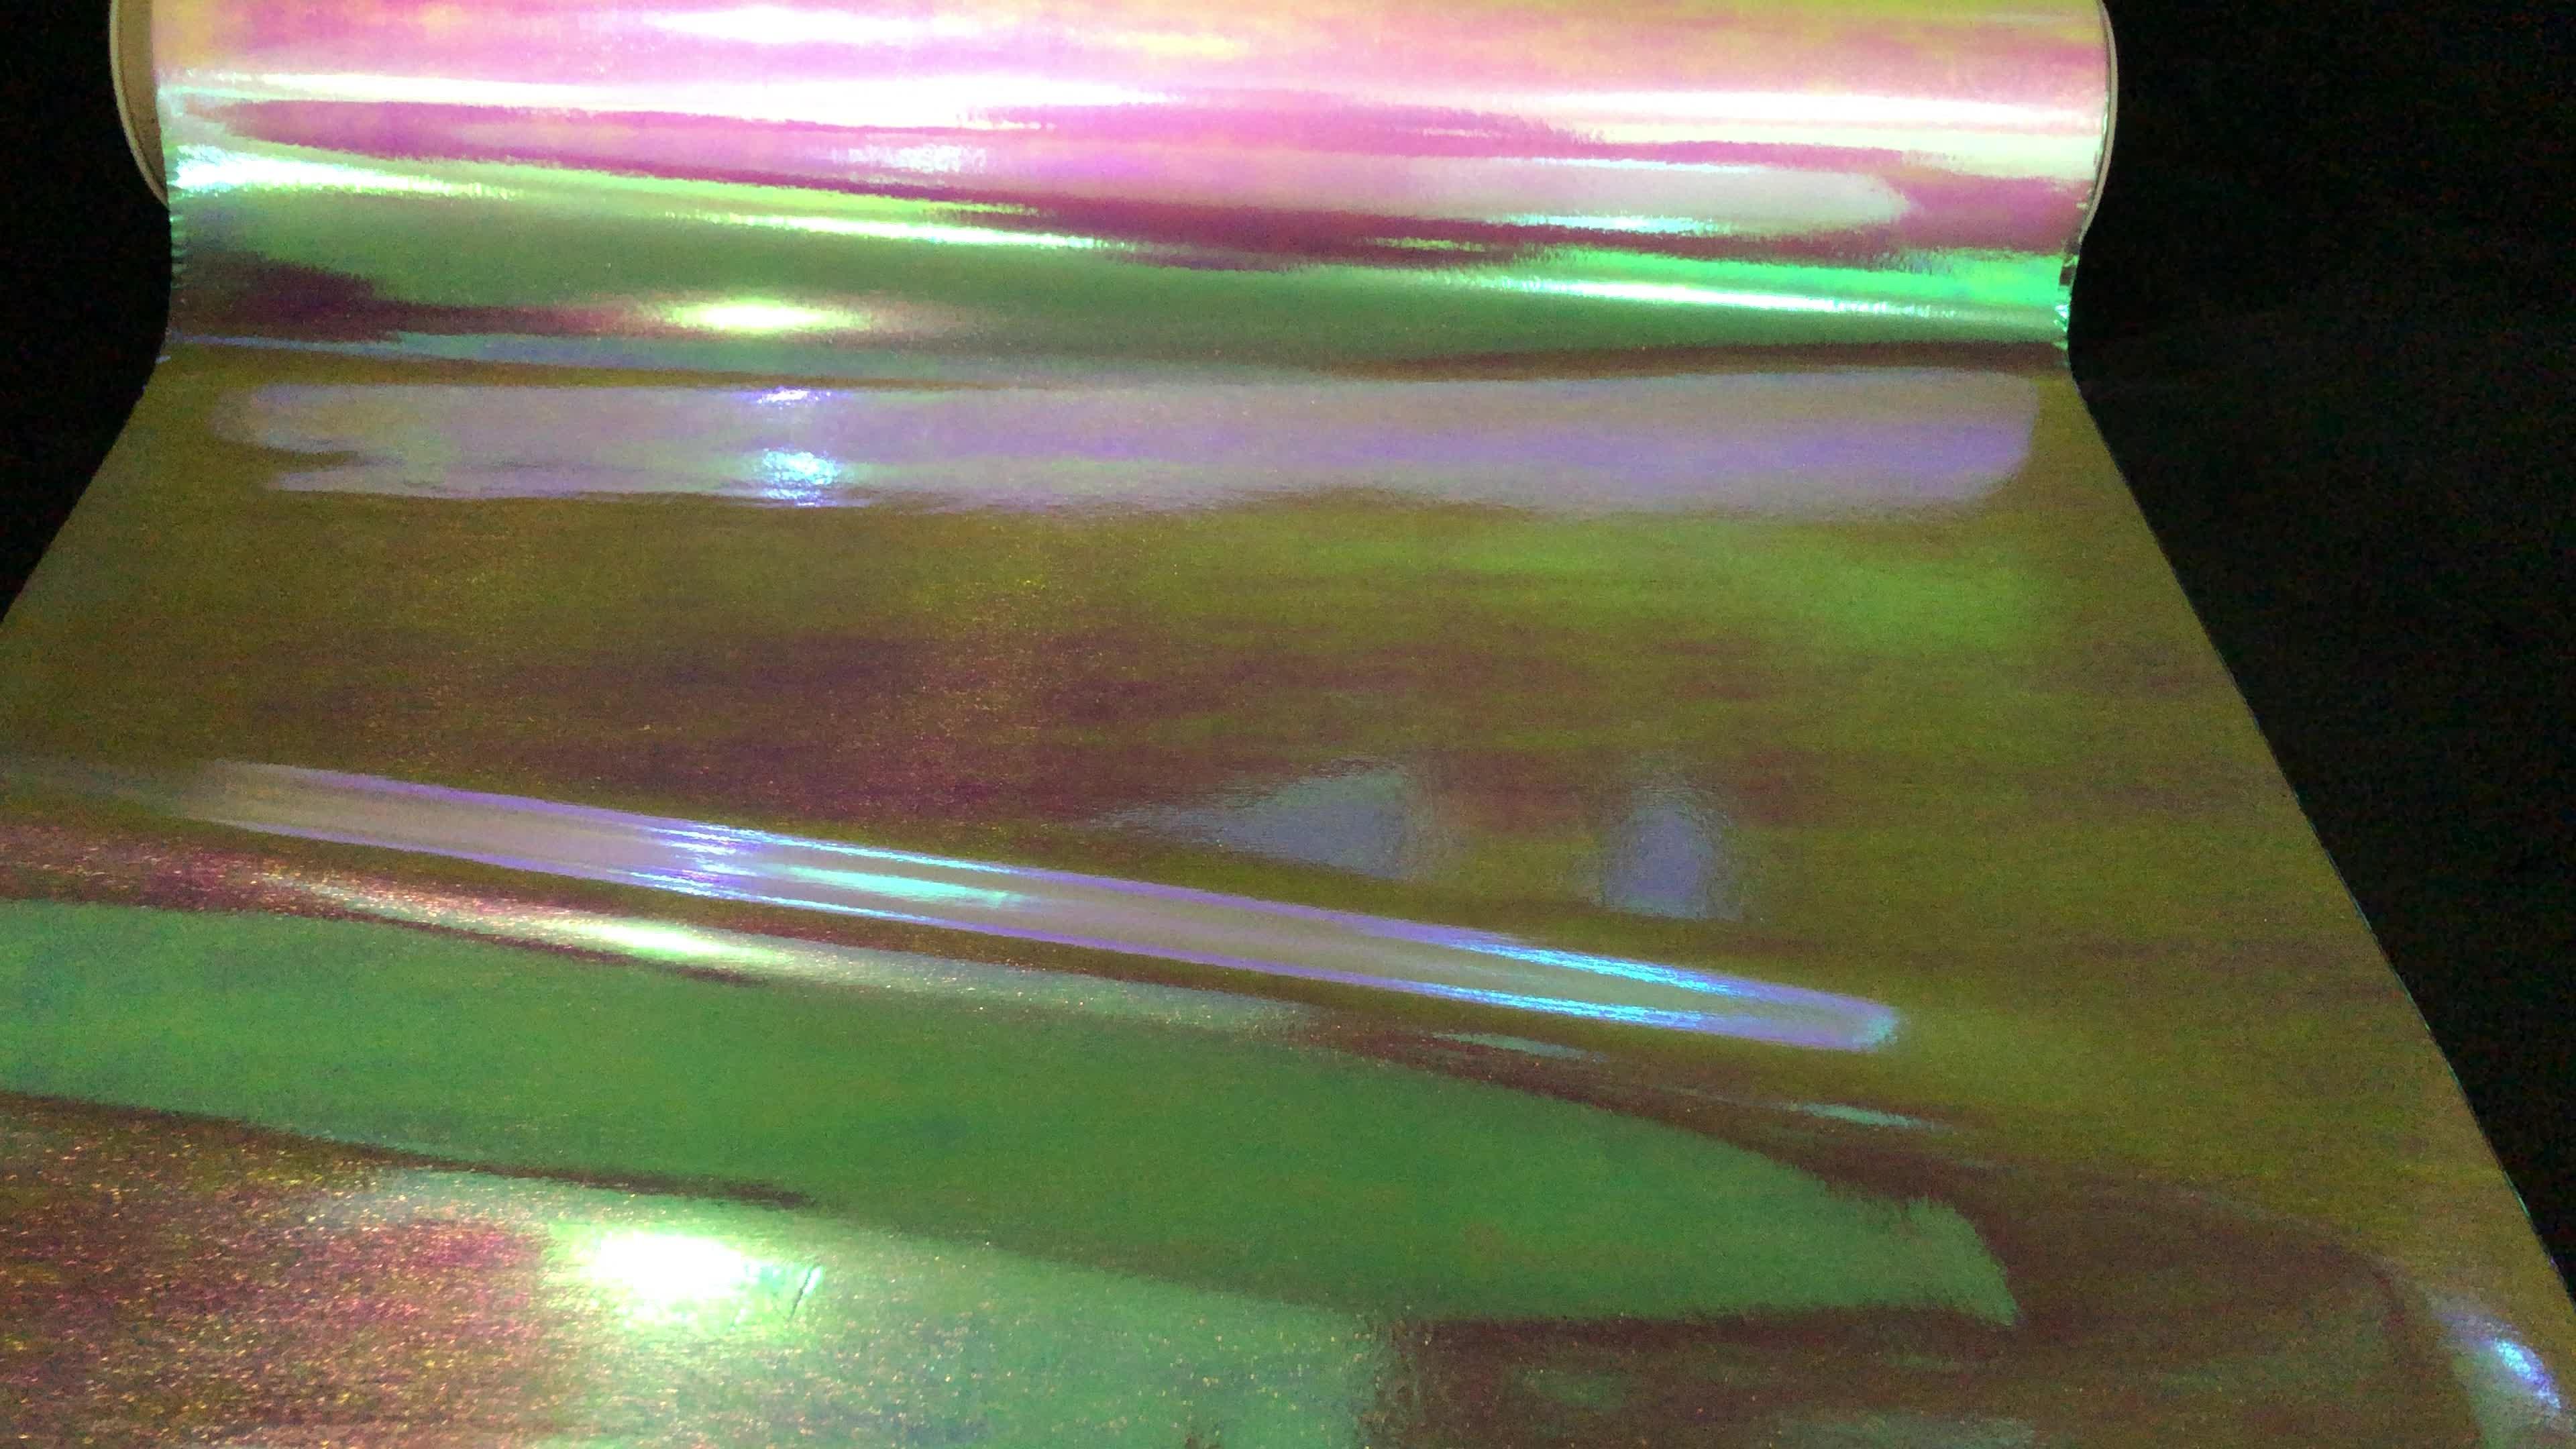 China fabrik Regenbogen holographische film PP film Reflektierende film für Luxuriöse verpackung und Laminieren Druck